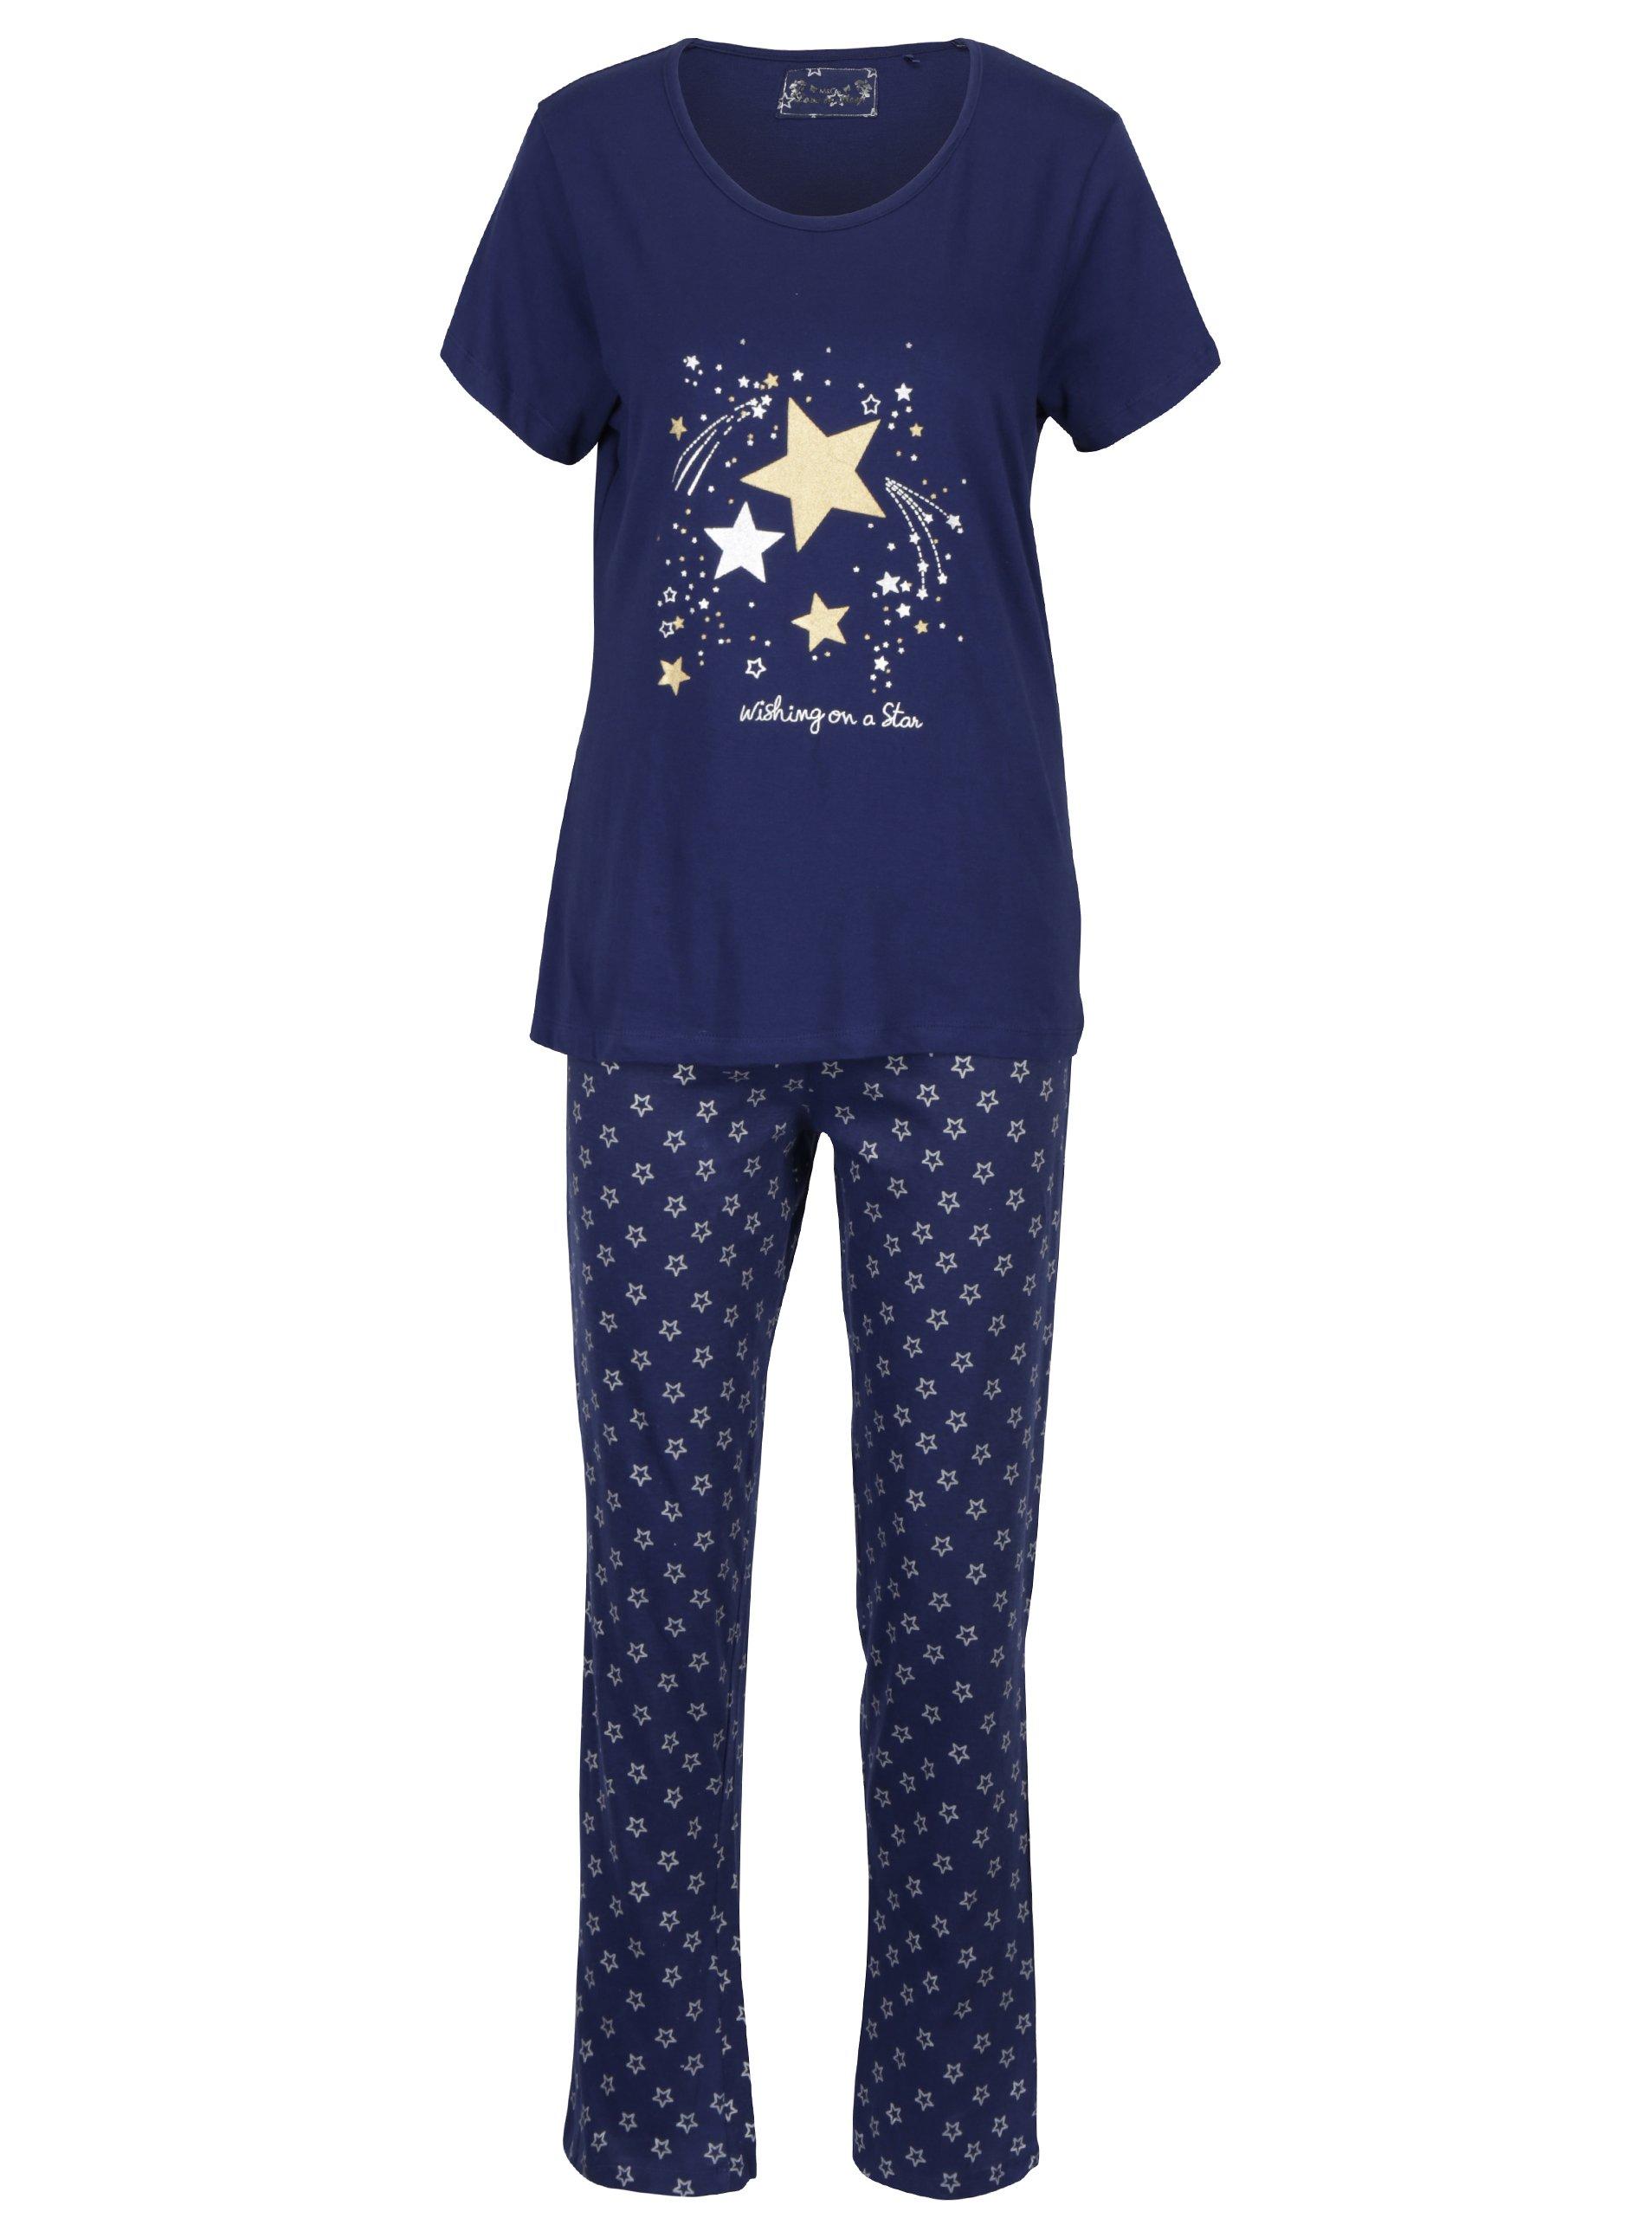 Tmavě modré dámské pyžamo s hvězdami M&Co